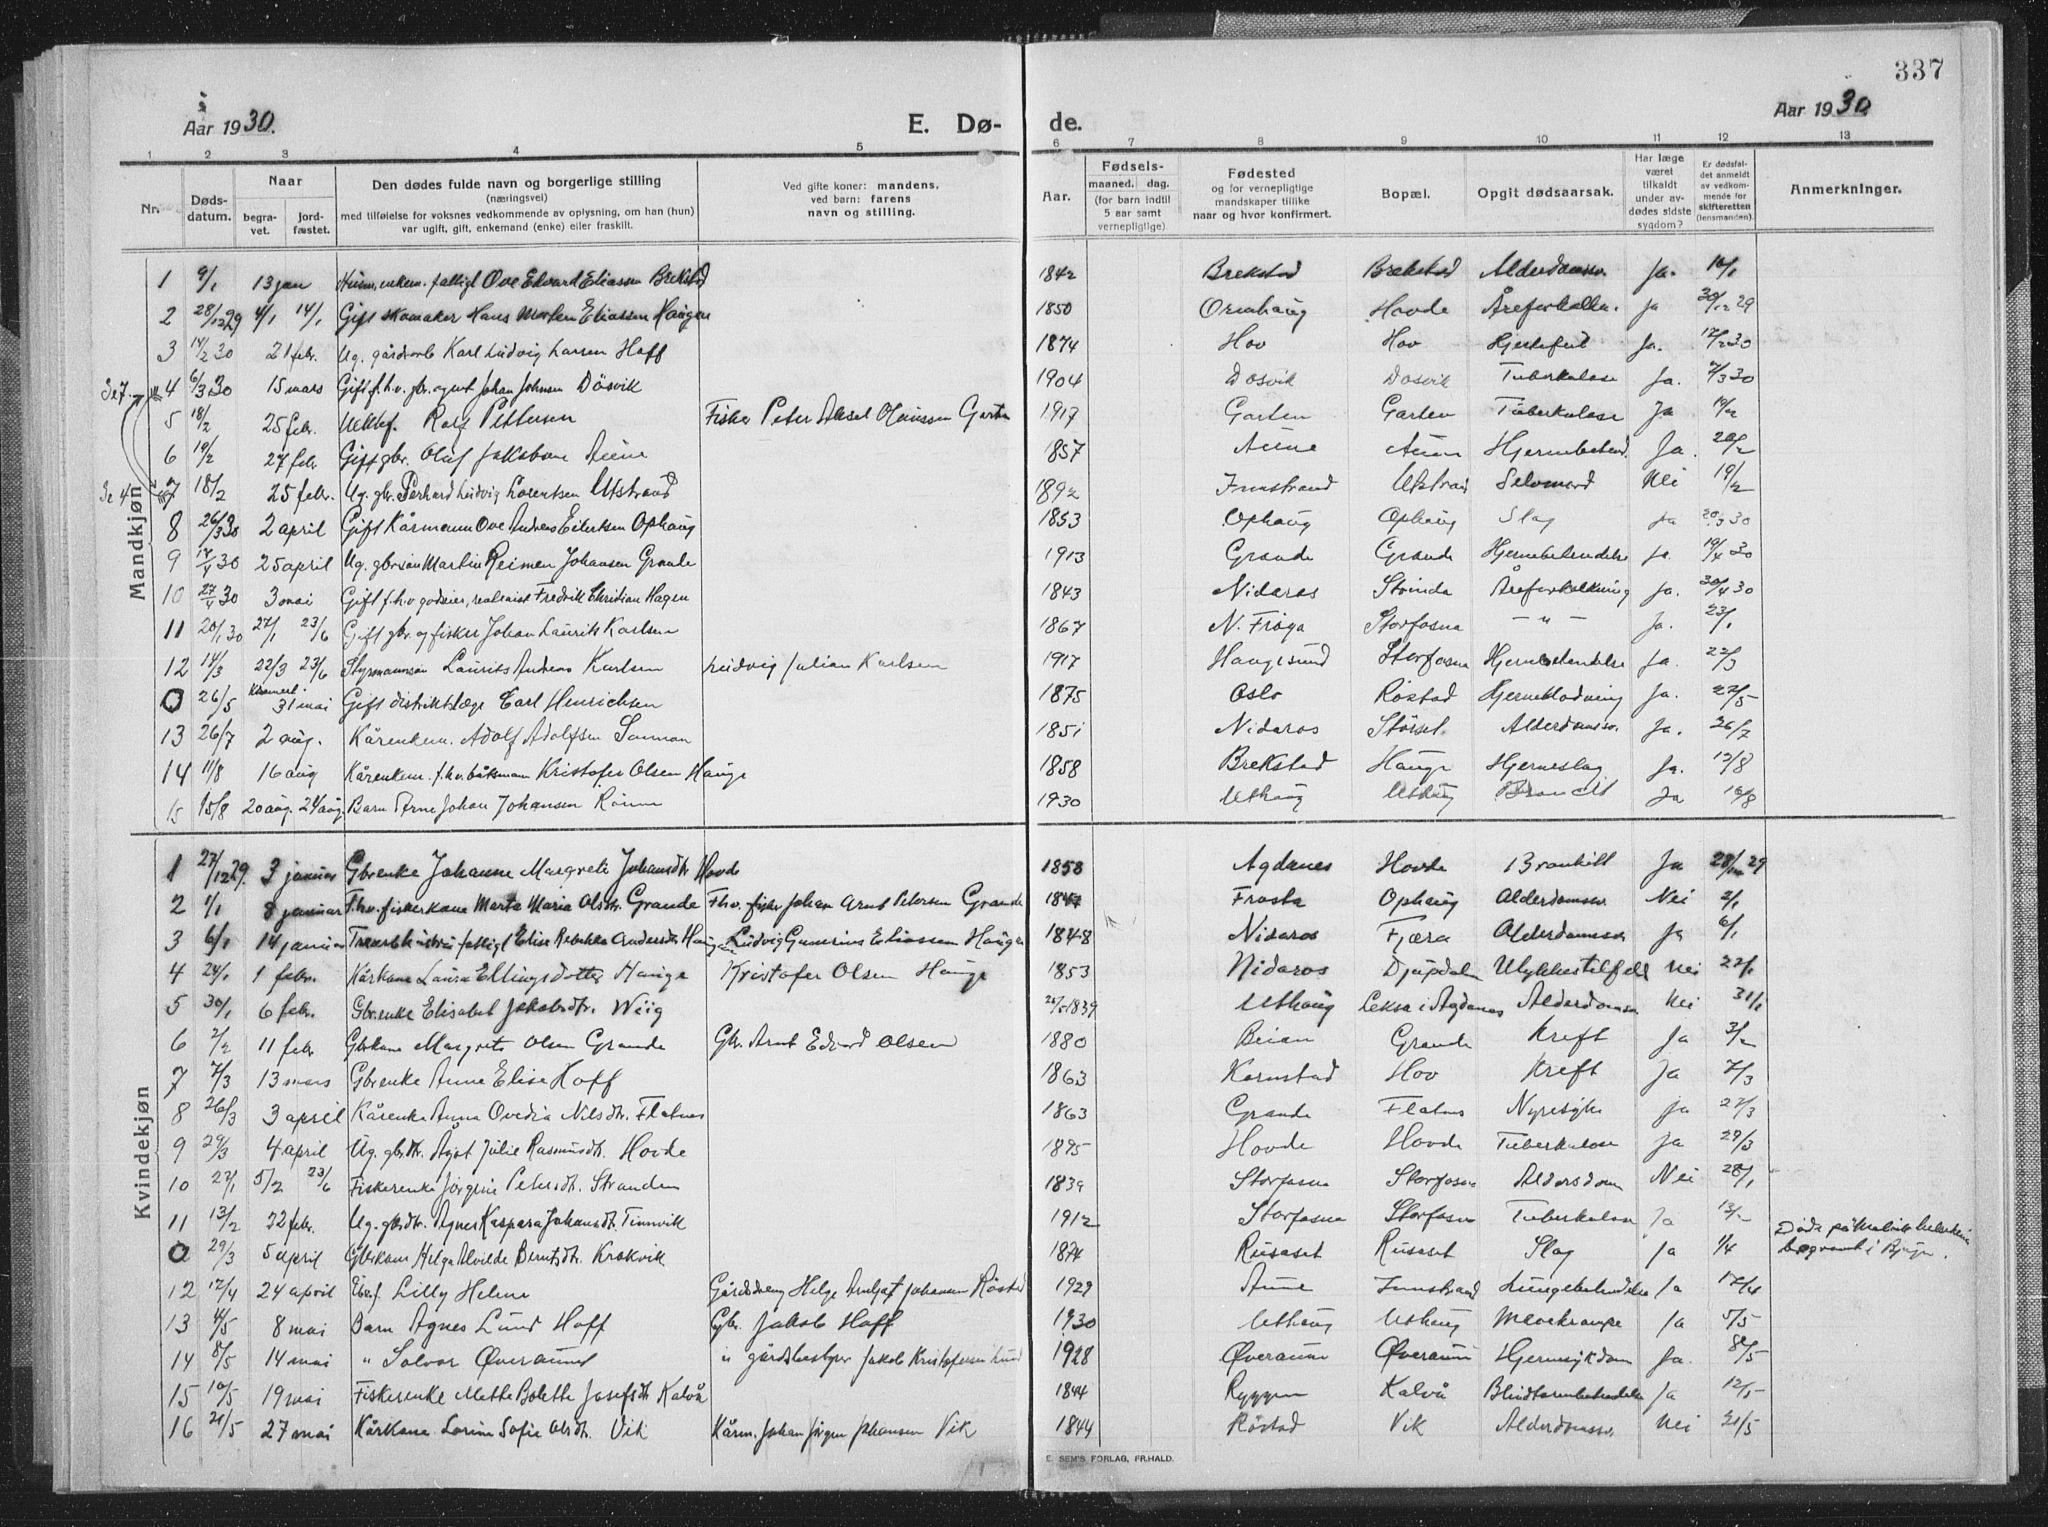 SAT, Ministerialprotokoller, klokkerbøker og fødselsregistre - Sør-Trøndelag, 659/L0747: Klokkerbok nr. 659C04, 1913-1938, s. 337